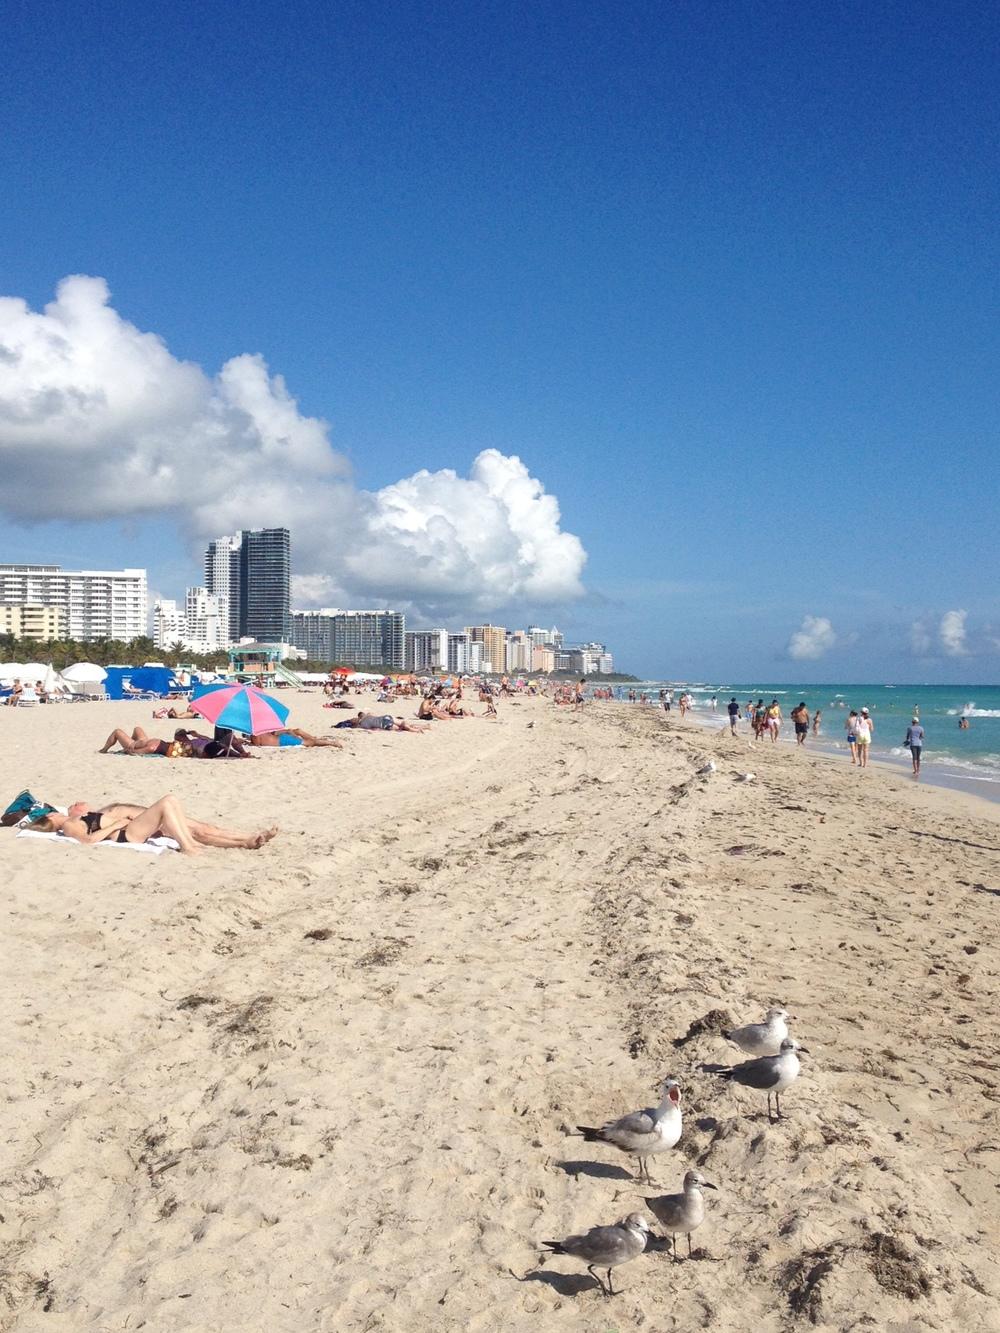 Quintessential Miami